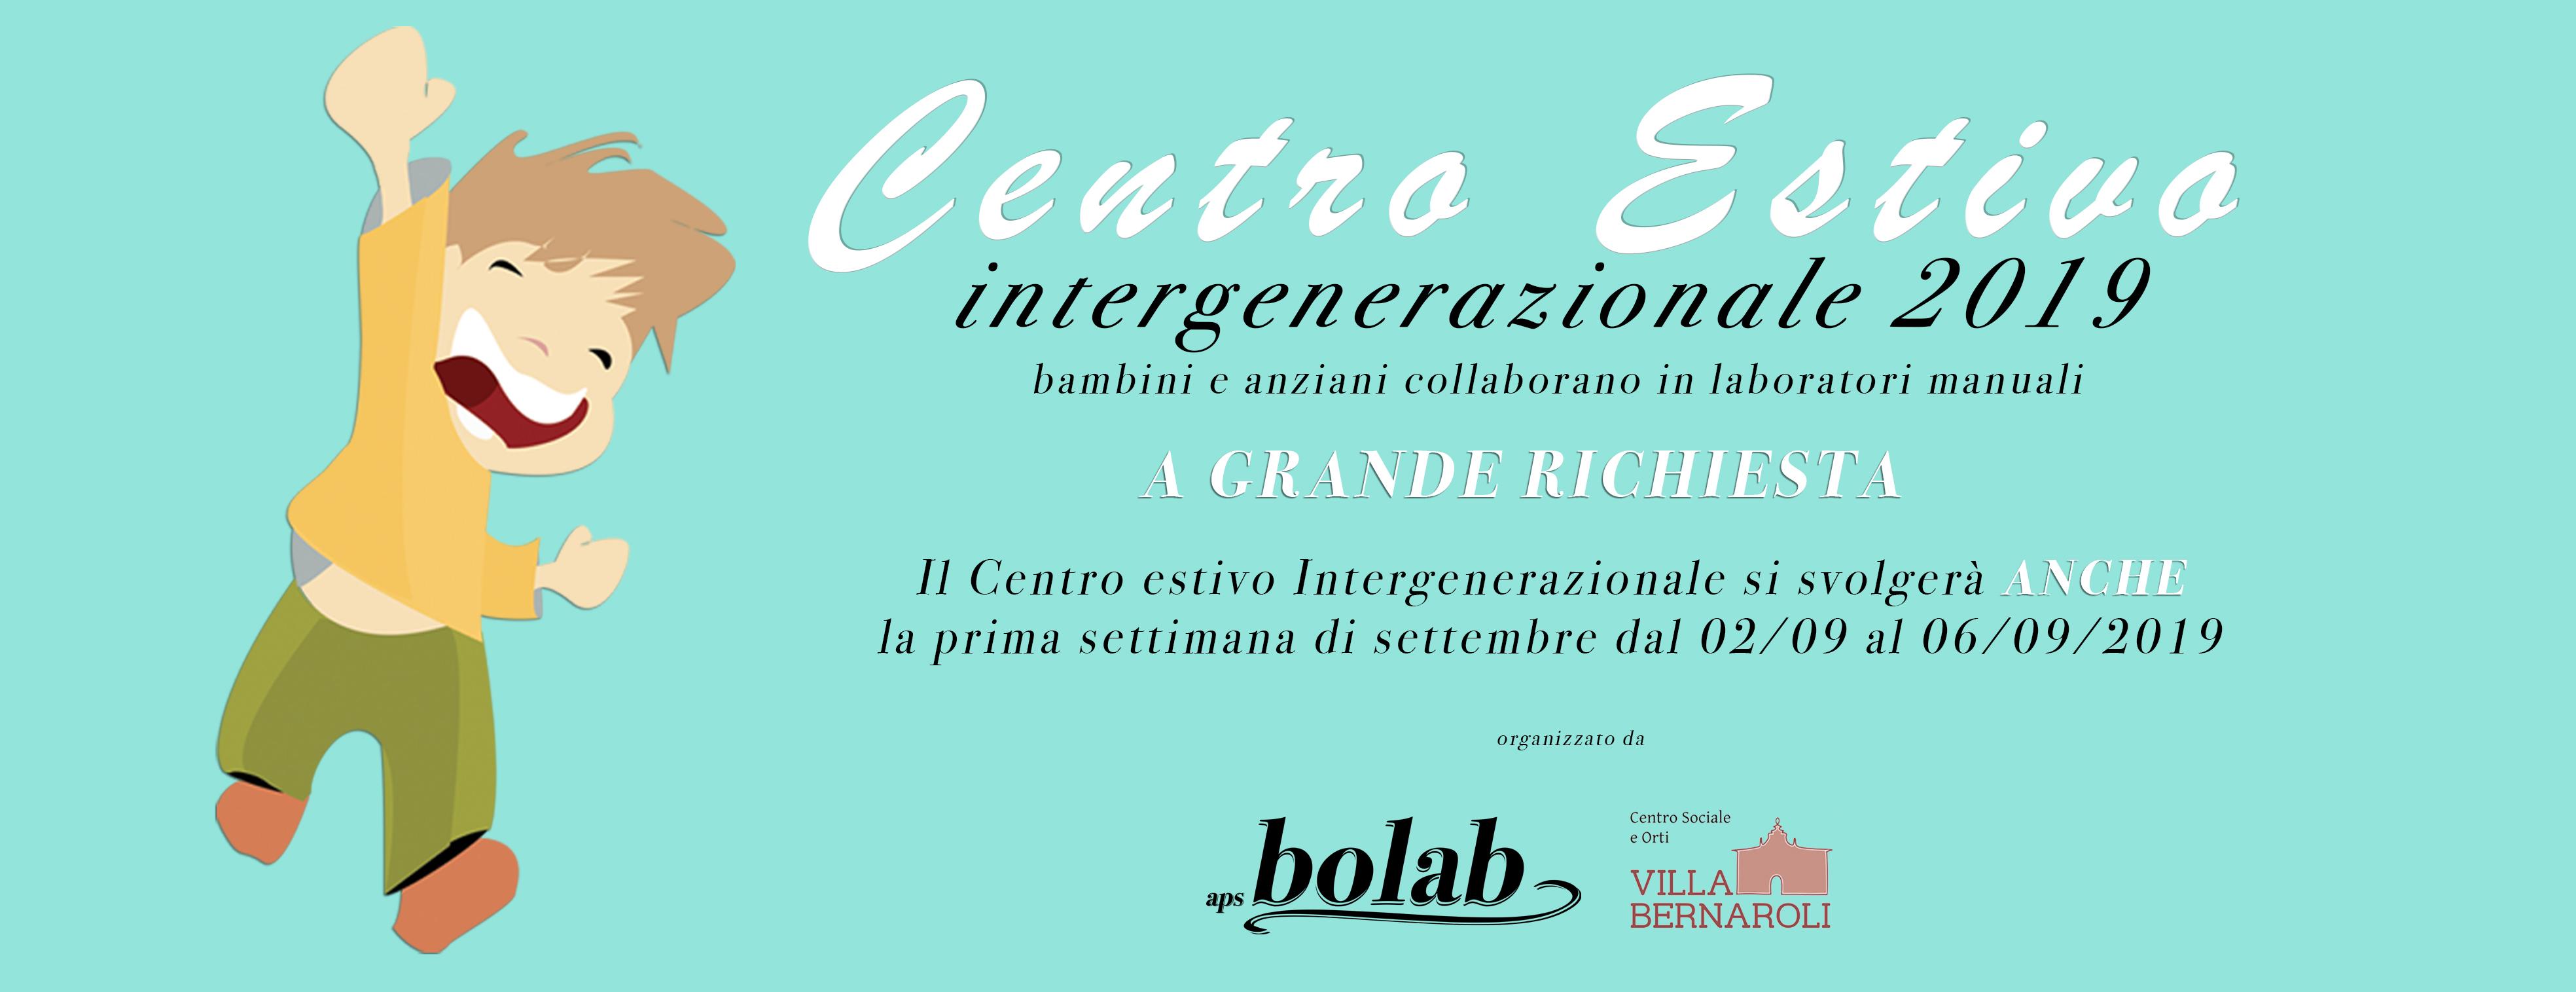 Centro estivo intergenerazionale 2019 settembre organizzato da Aps Bolab in collaborazione con il Centro sociale e orti Villa Bernaroli